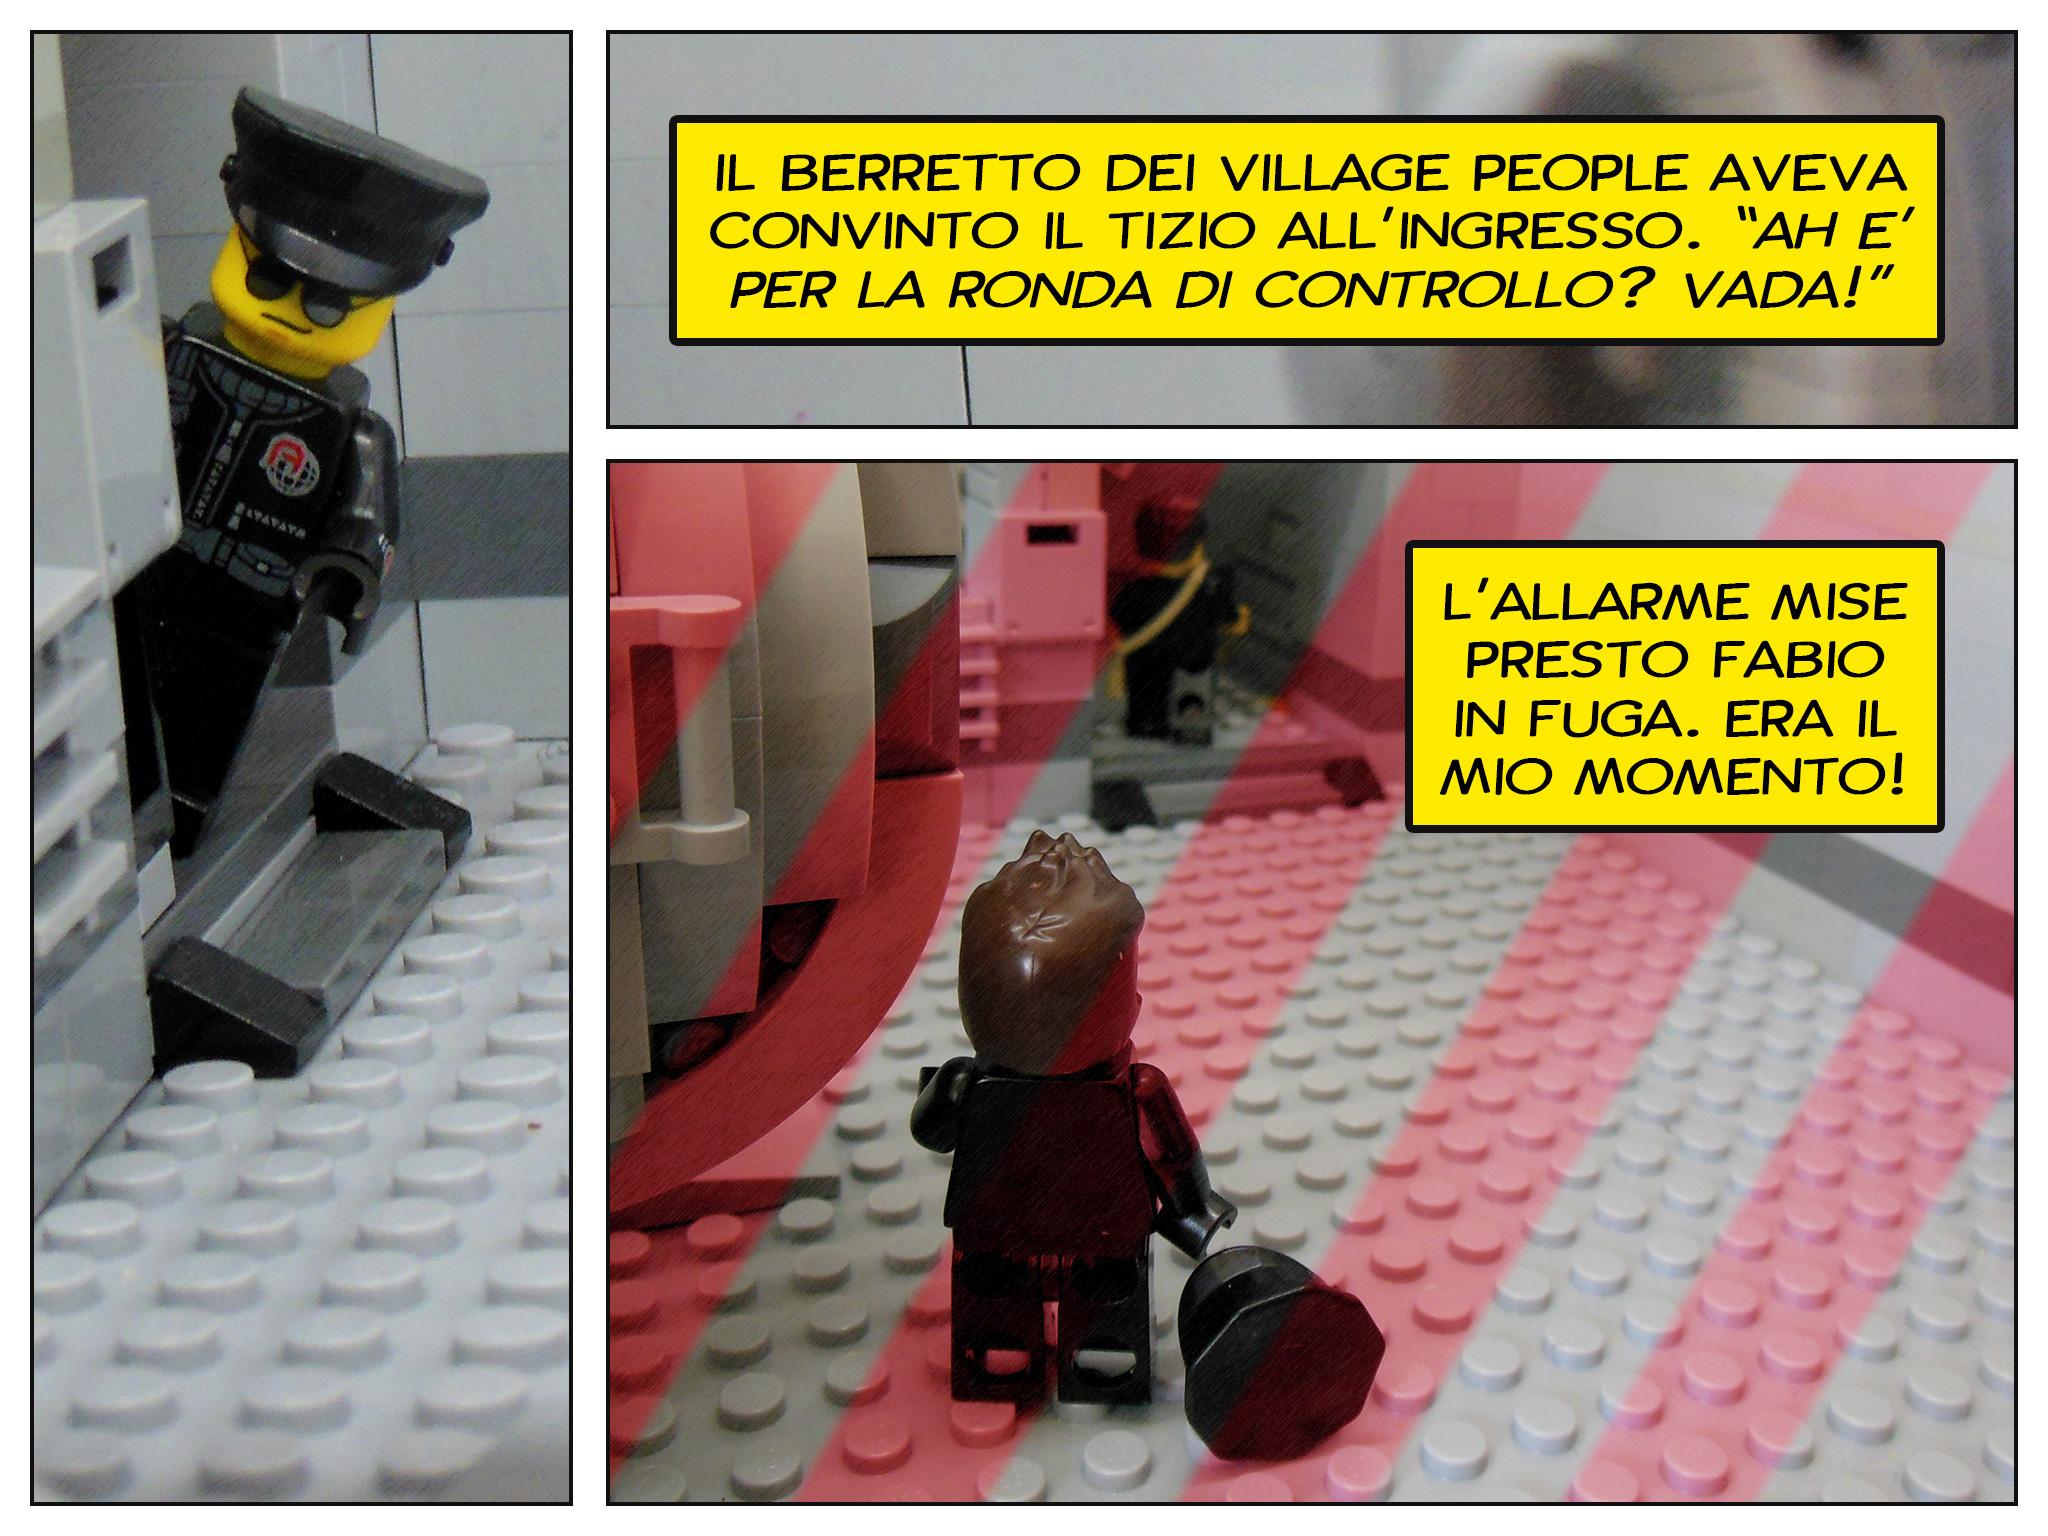 Faccio quello che voglio, il prequel a Lego fumetti - allarme